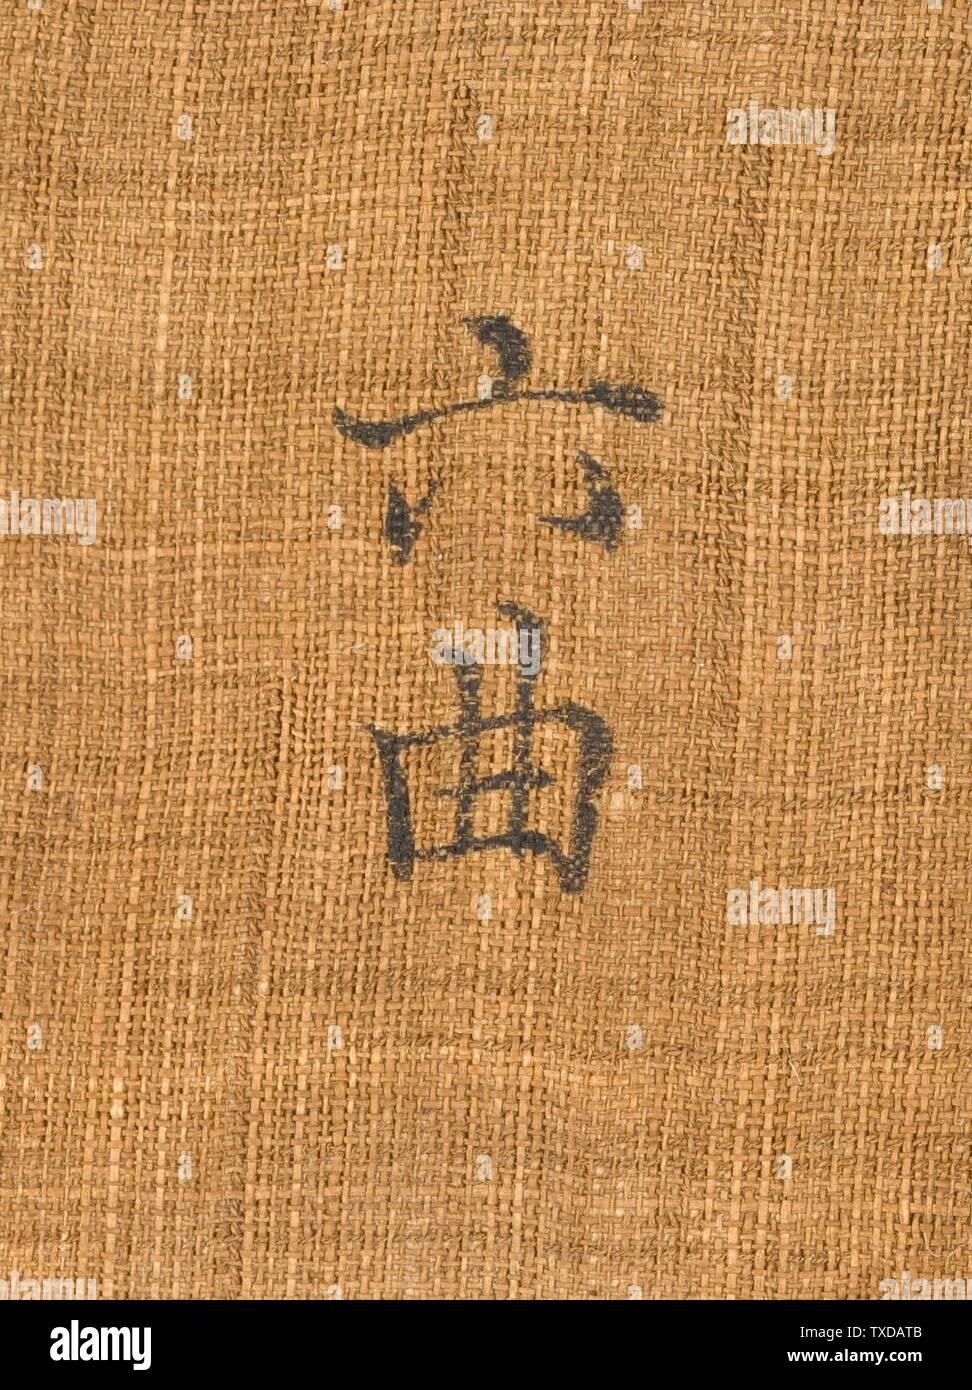 Le sixième des Neuf plis au Mont Wuyi, Chine (image 5 de 5); Corée, Corée, dynastie Joseon (1392-1910), Tableaux du XVIIe siècle défilement suspendu, encre sur ramie ou chanvre image: 20 3/4 x 23 1/8 in. (52,71 x 58,74 cm) ; montage : 48 3/4 x 25 po. (123,83 x 63,5 cm) ; rouleau : 27 1/4 po. (69,22 cm) Acheté avec Museum Funds (M. 2000.15.20) Korean Art; date du XVIIe siècle QS:P571,+1650-00-00T00:00:00Z/7; Banque D'Images